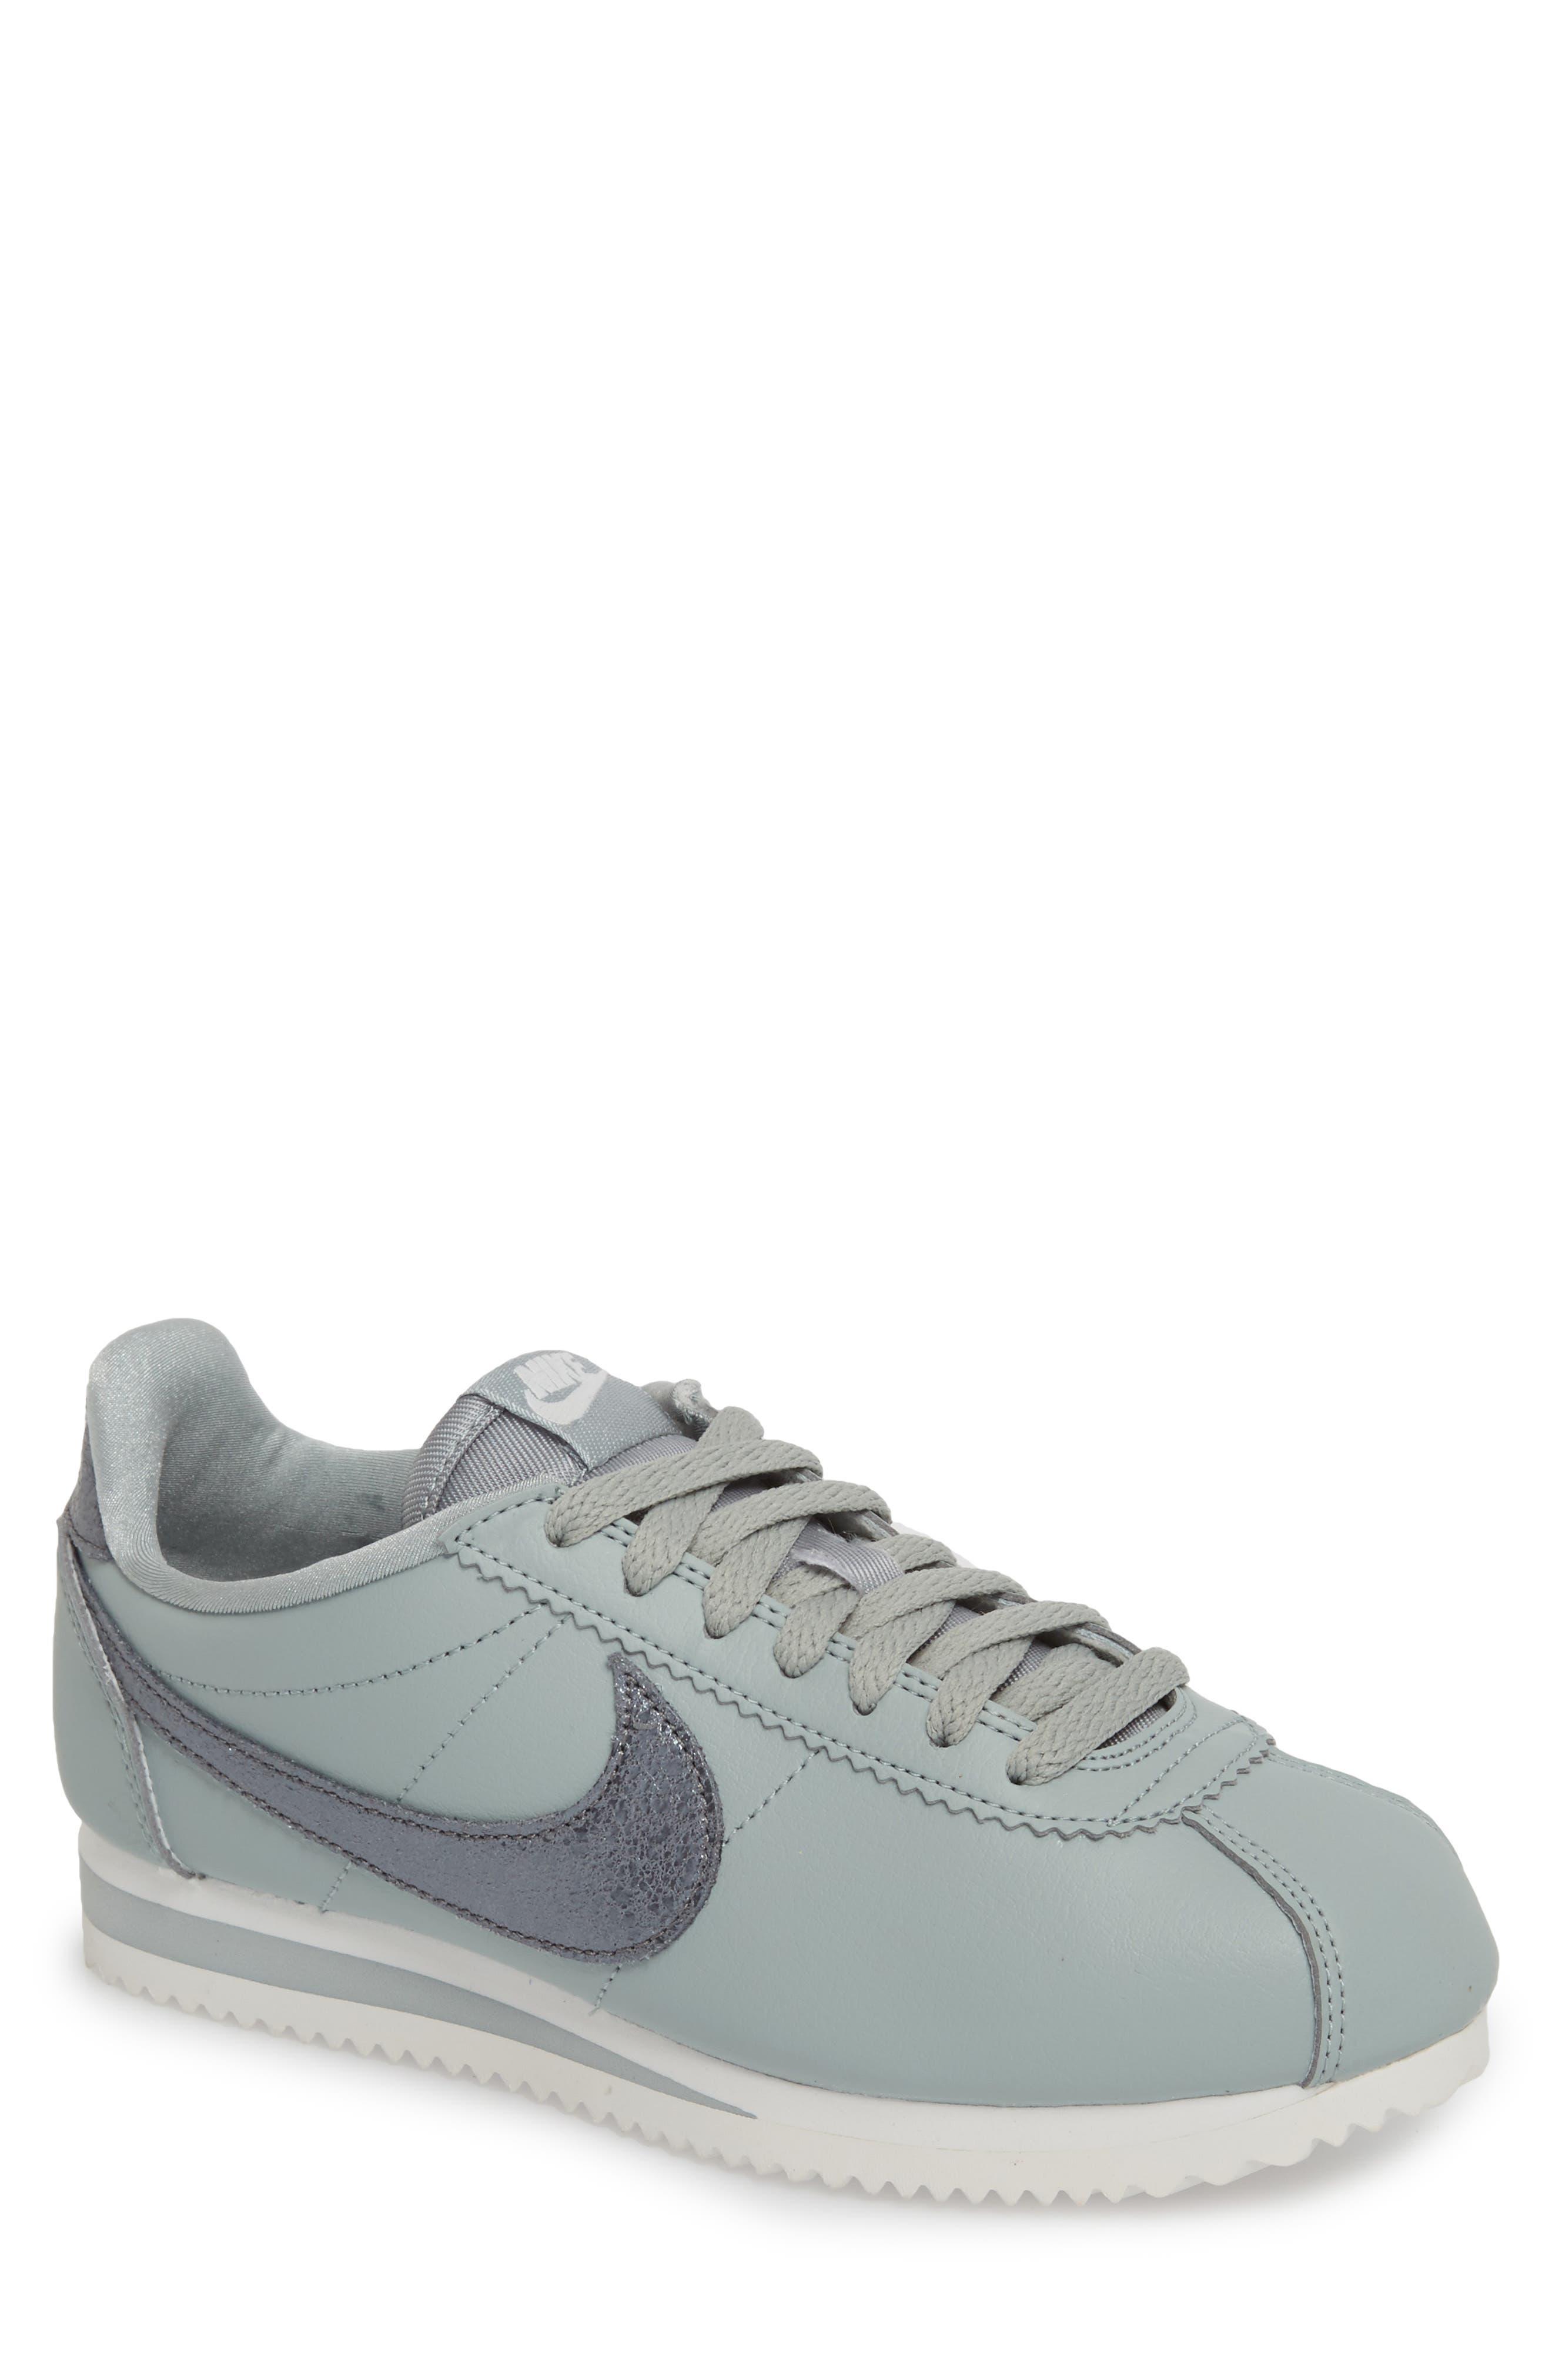 Classic Cortez Premium Sneaker,                             Main thumbnail 1, color,                             028